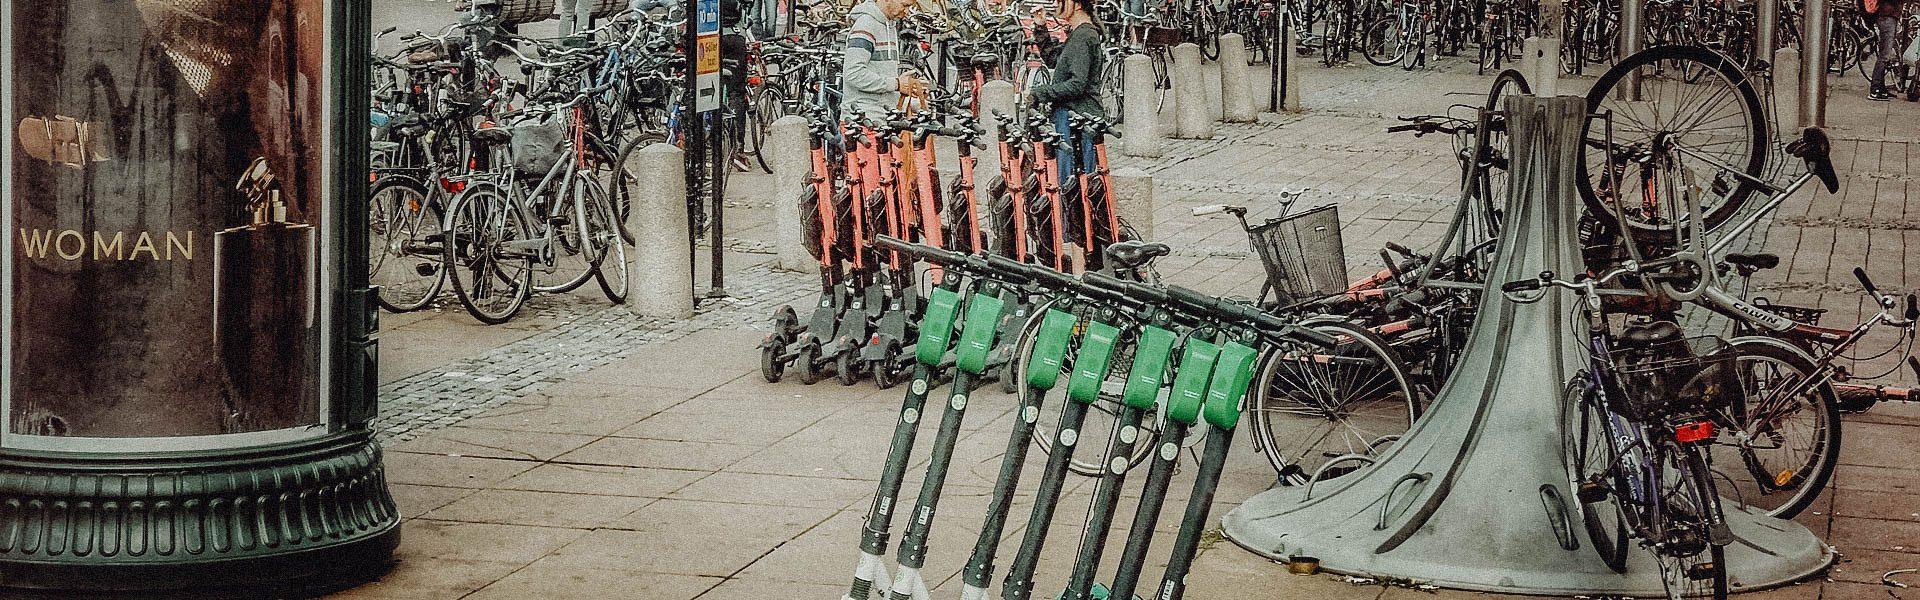 E-Scooter als Mobiltätslösung | SichtWeisen | Bild von Thomas Wolter auf Pixabay